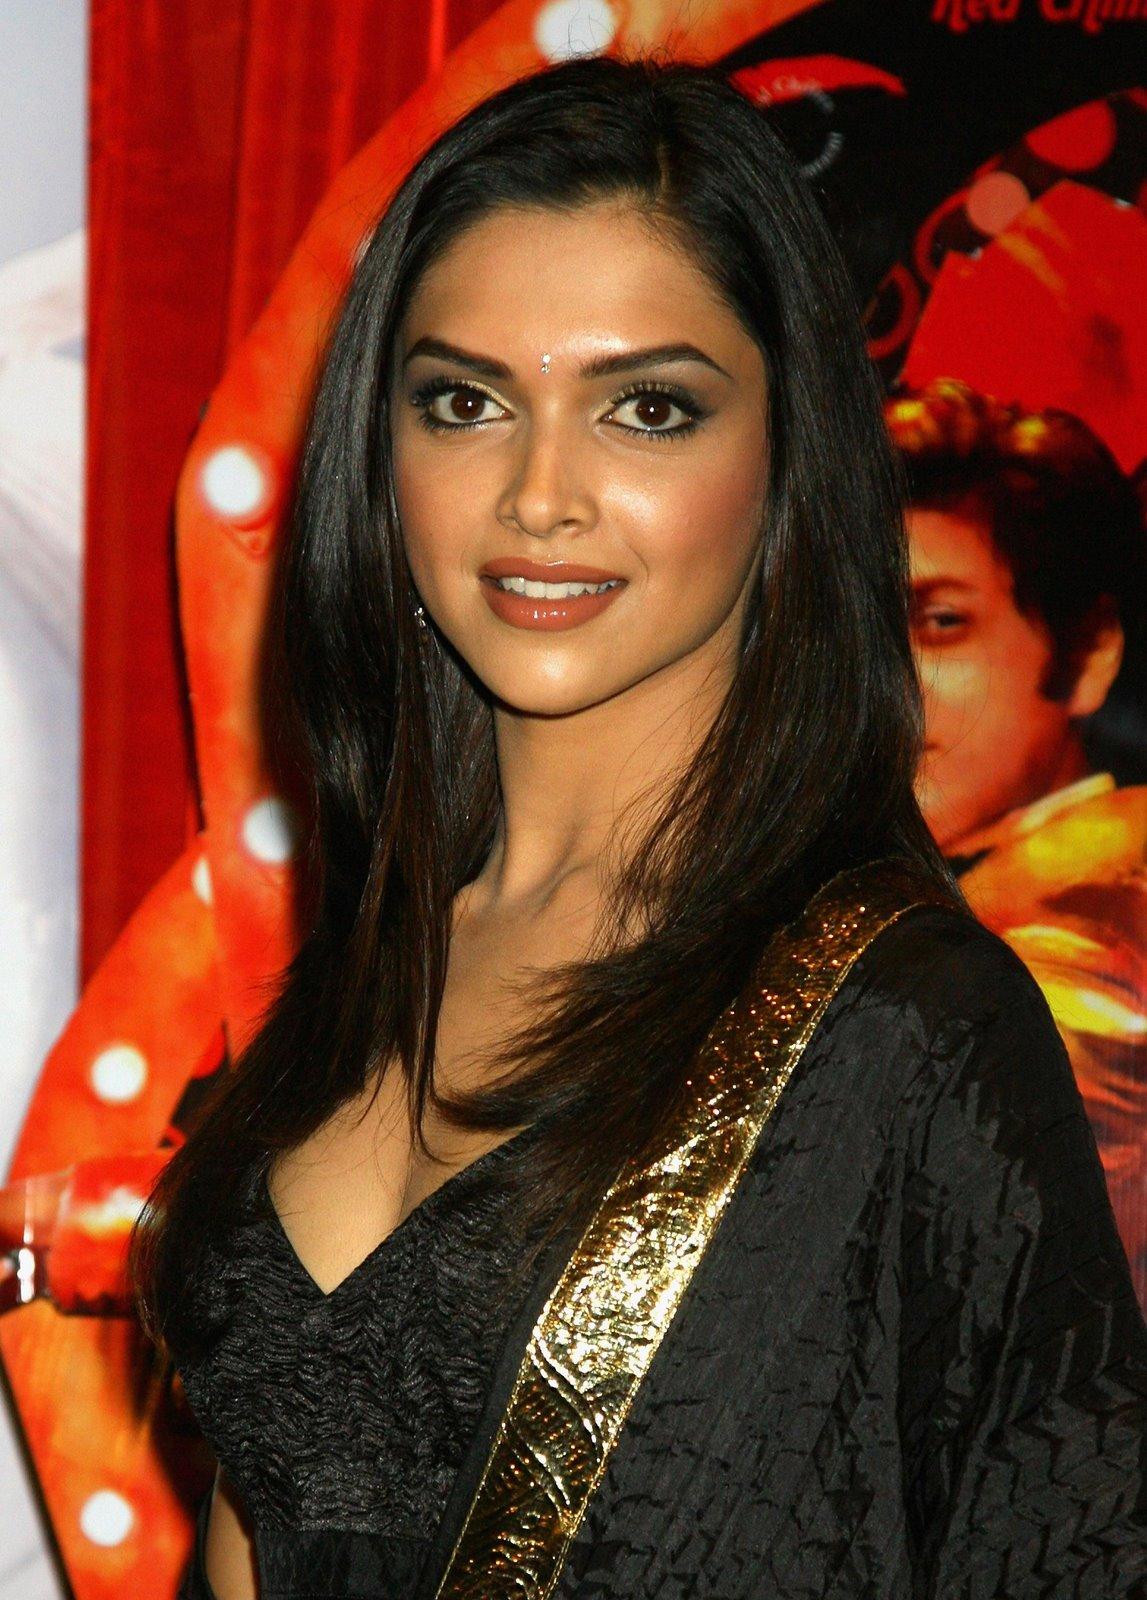 Indian Actress: Deepika Padukone Pics & Profile